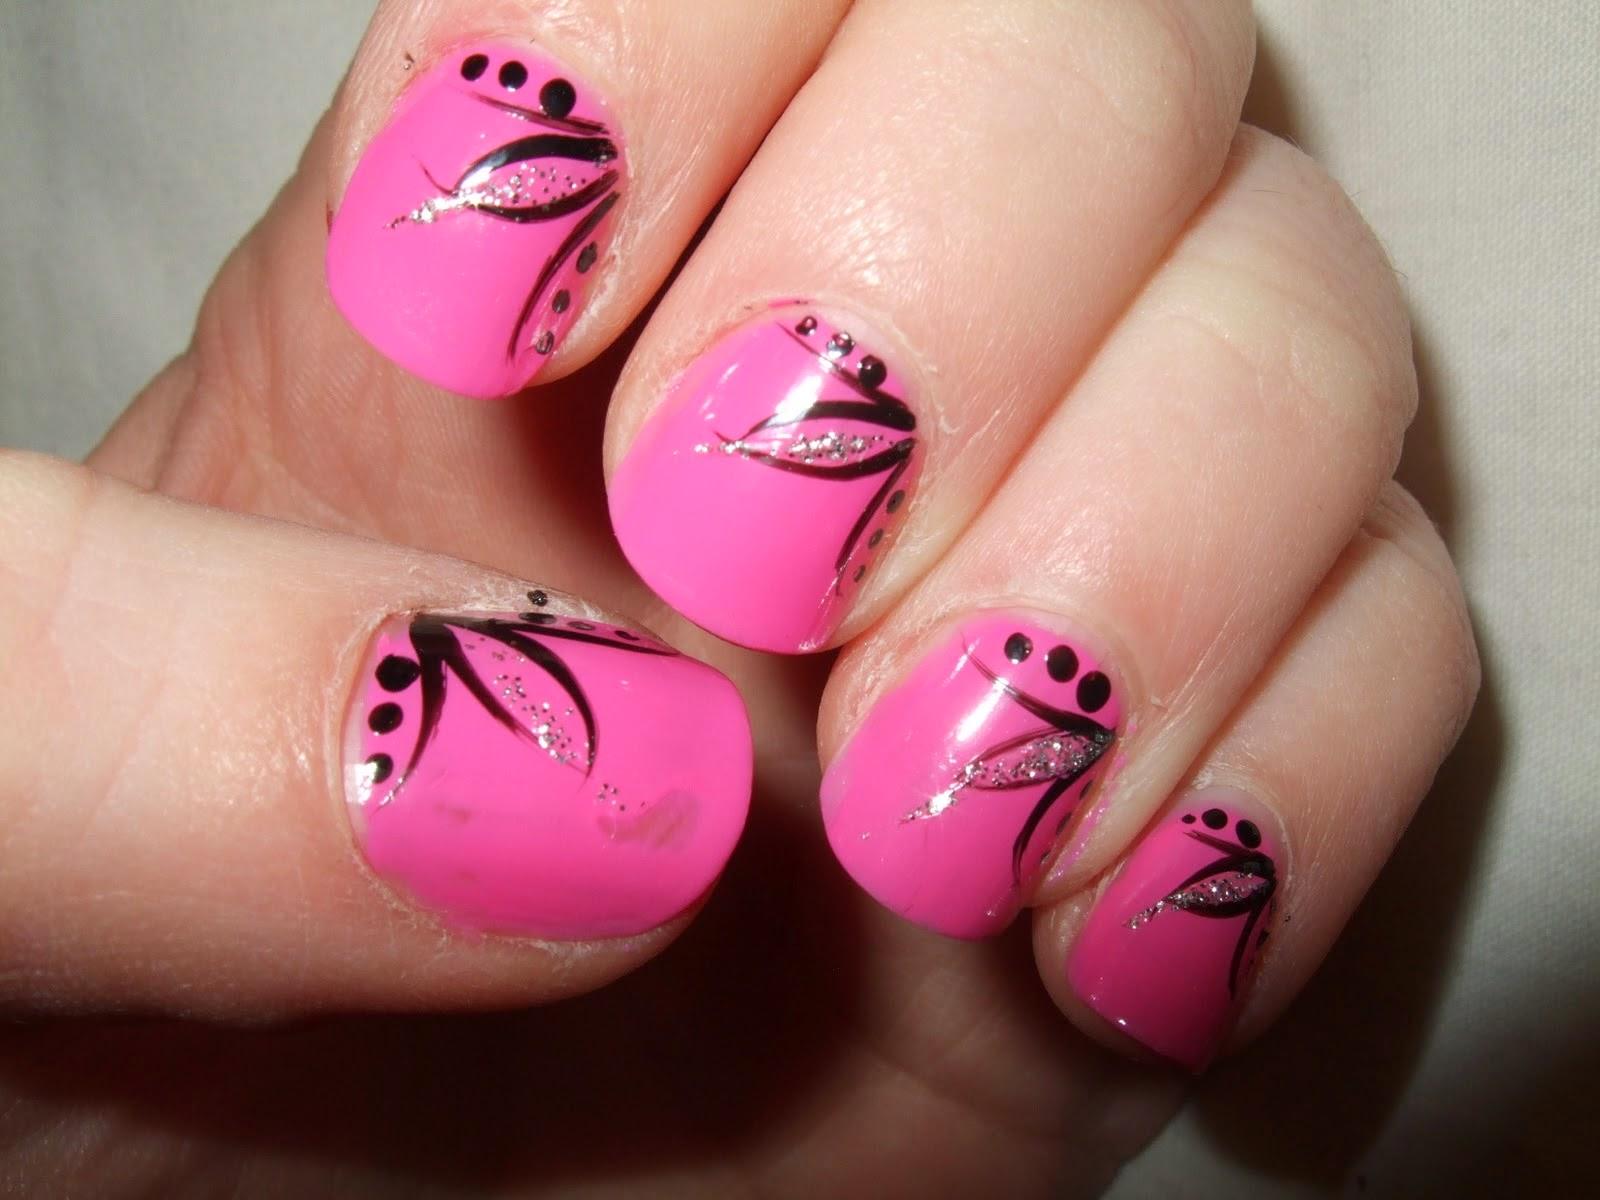 40 creative toe nail art designs and ideas - Nail Art Designs Ideas